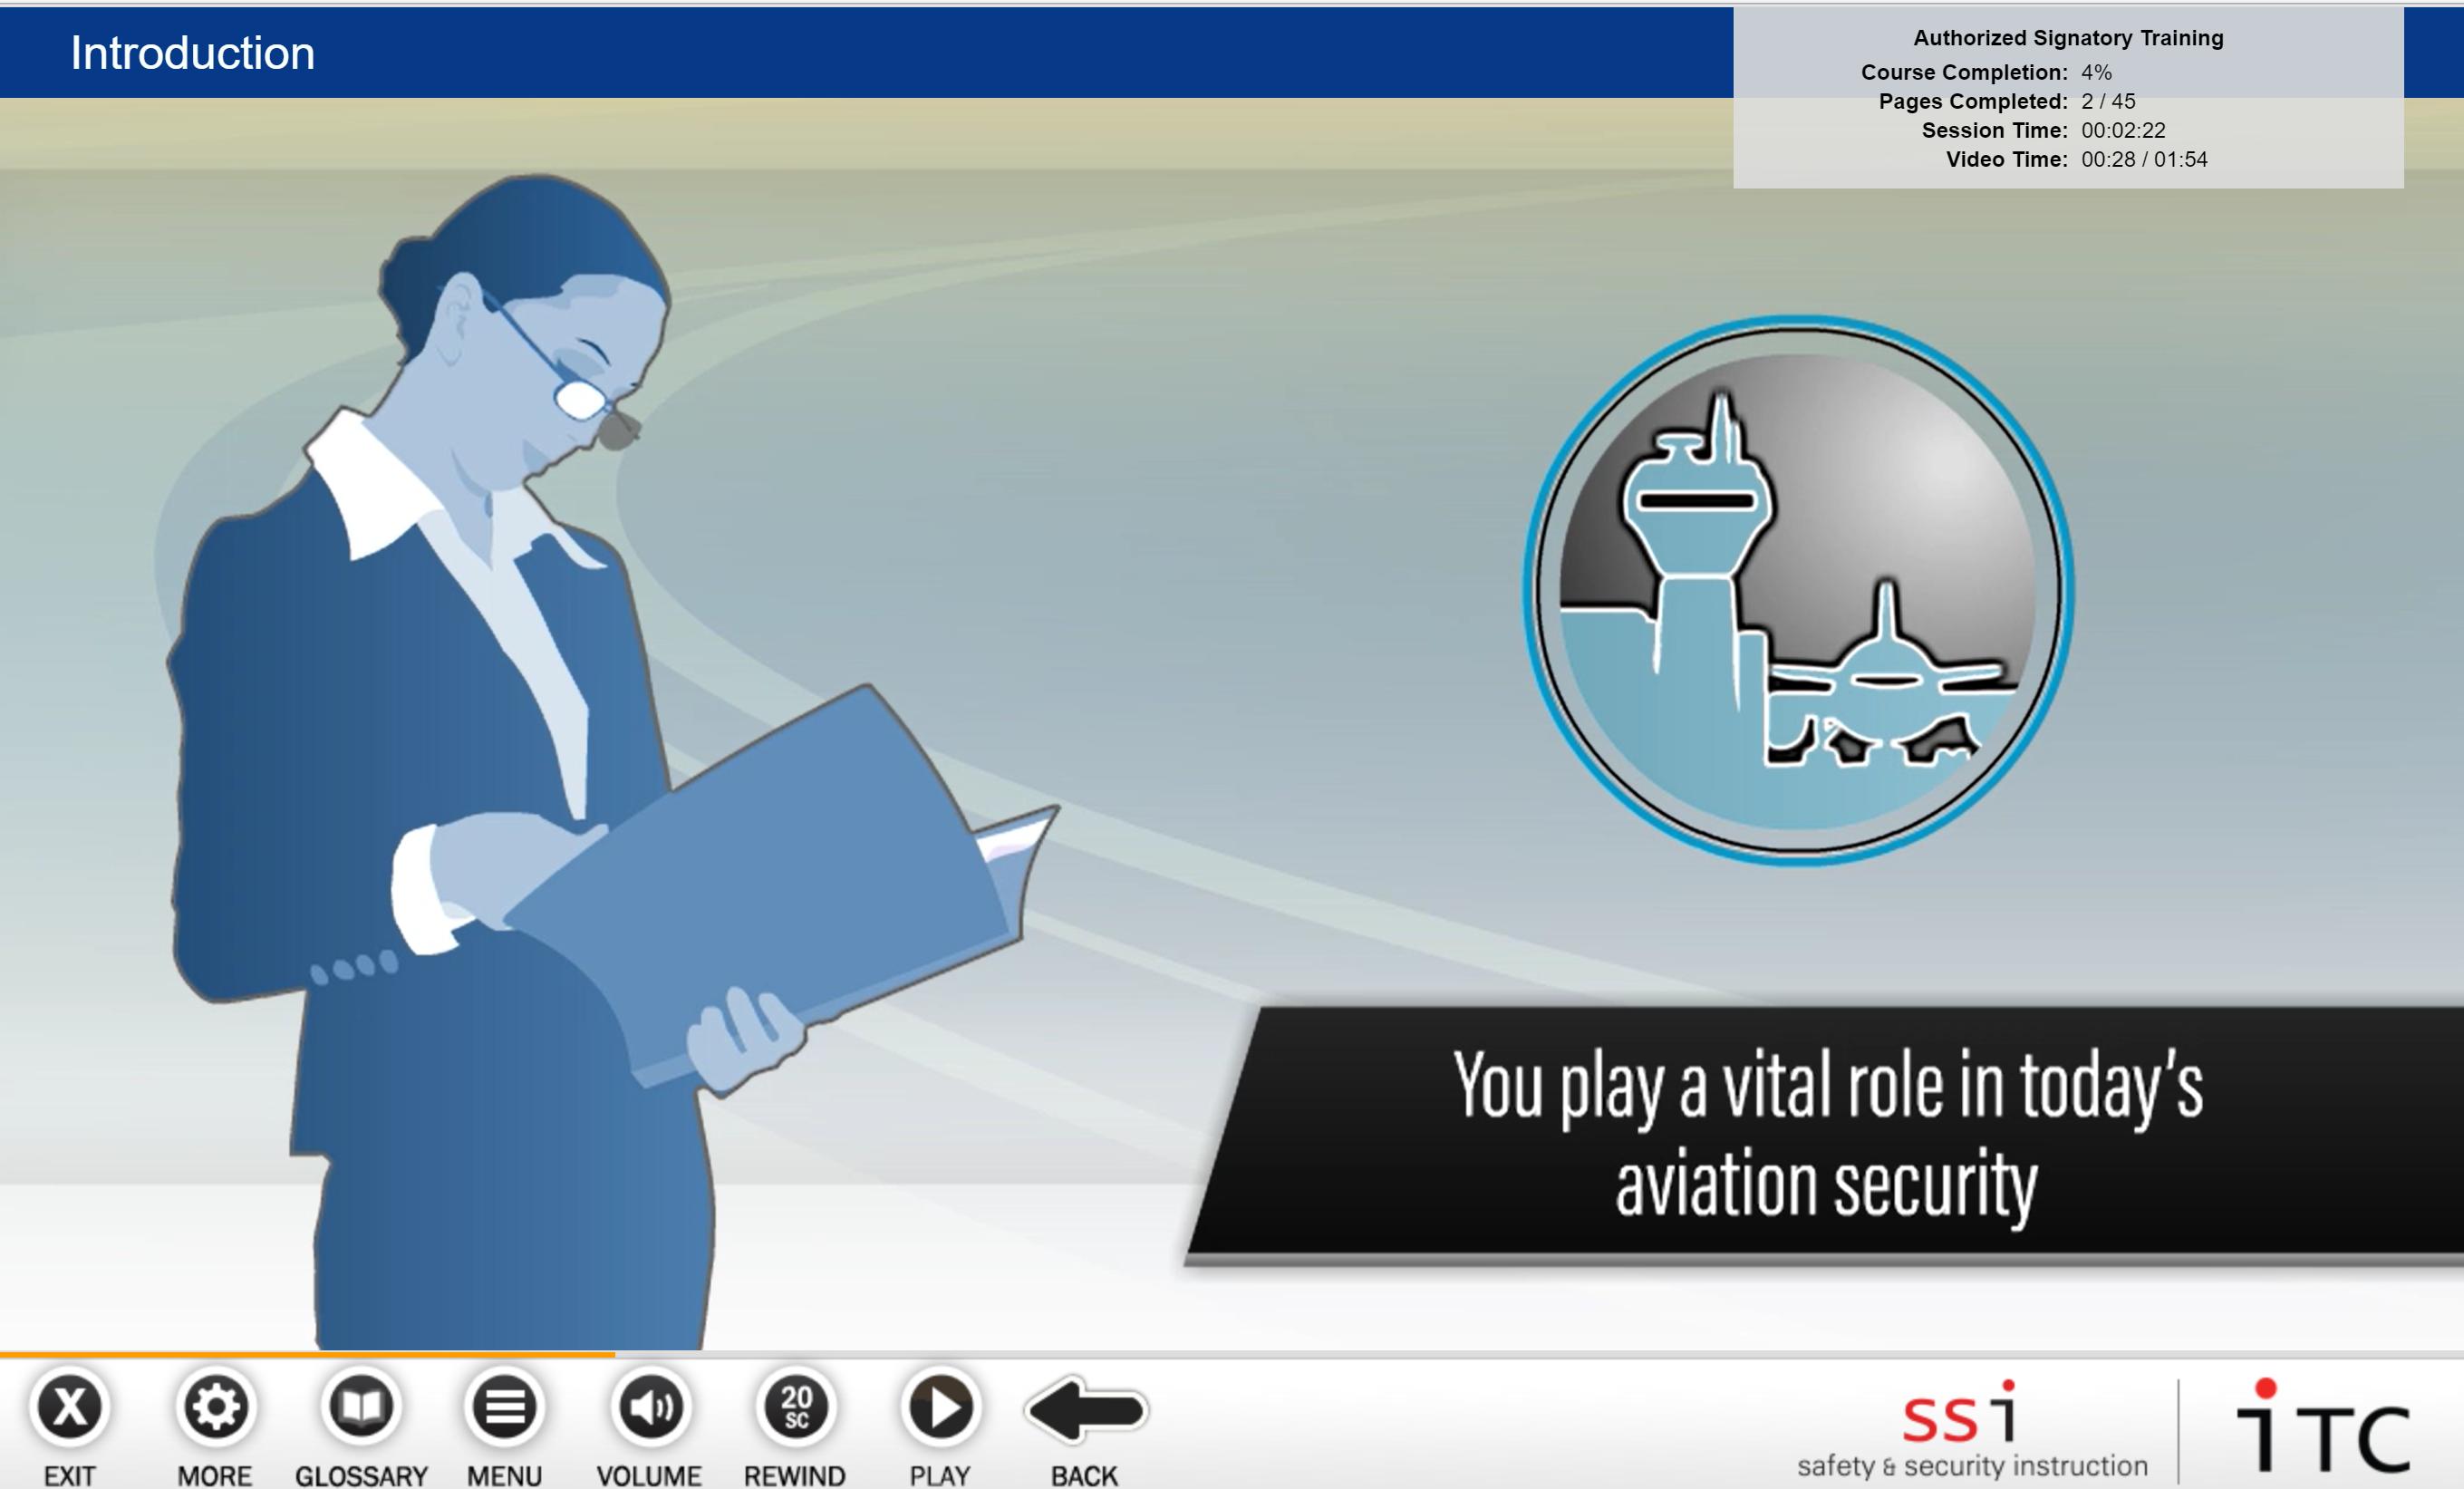 Authorized Signatory Training